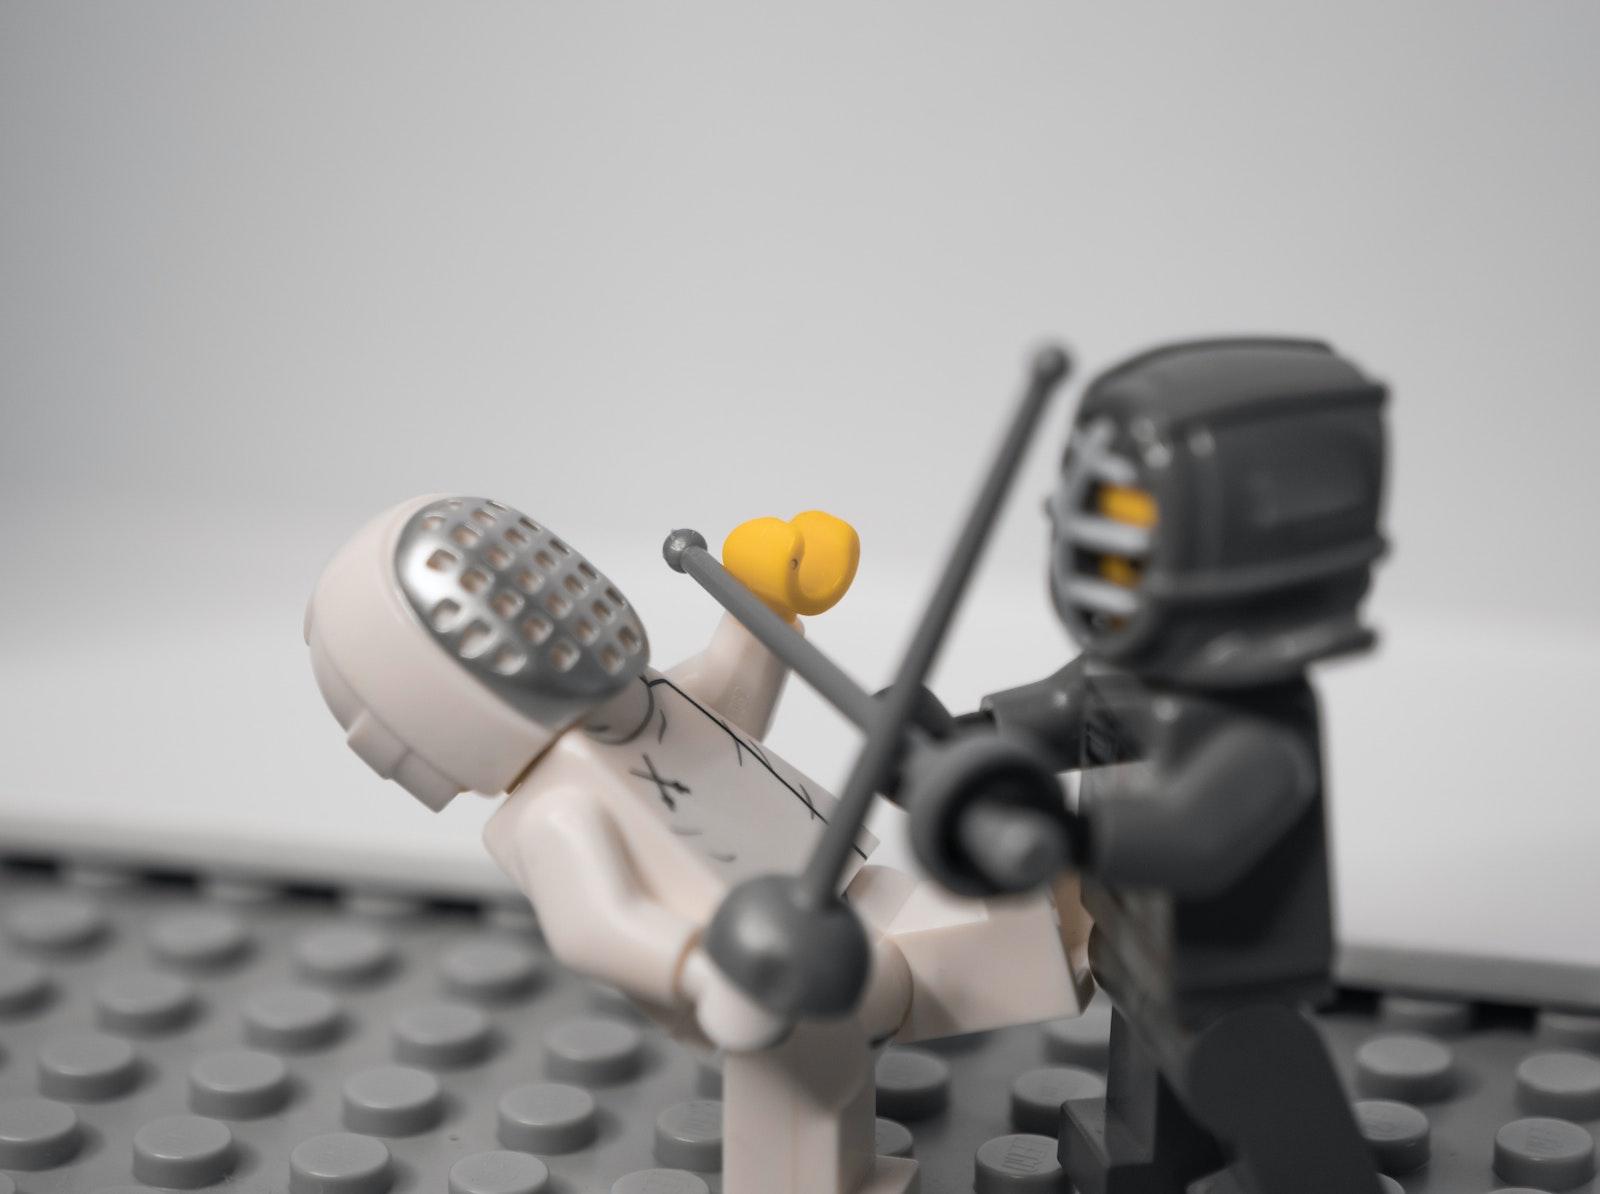 rival robots